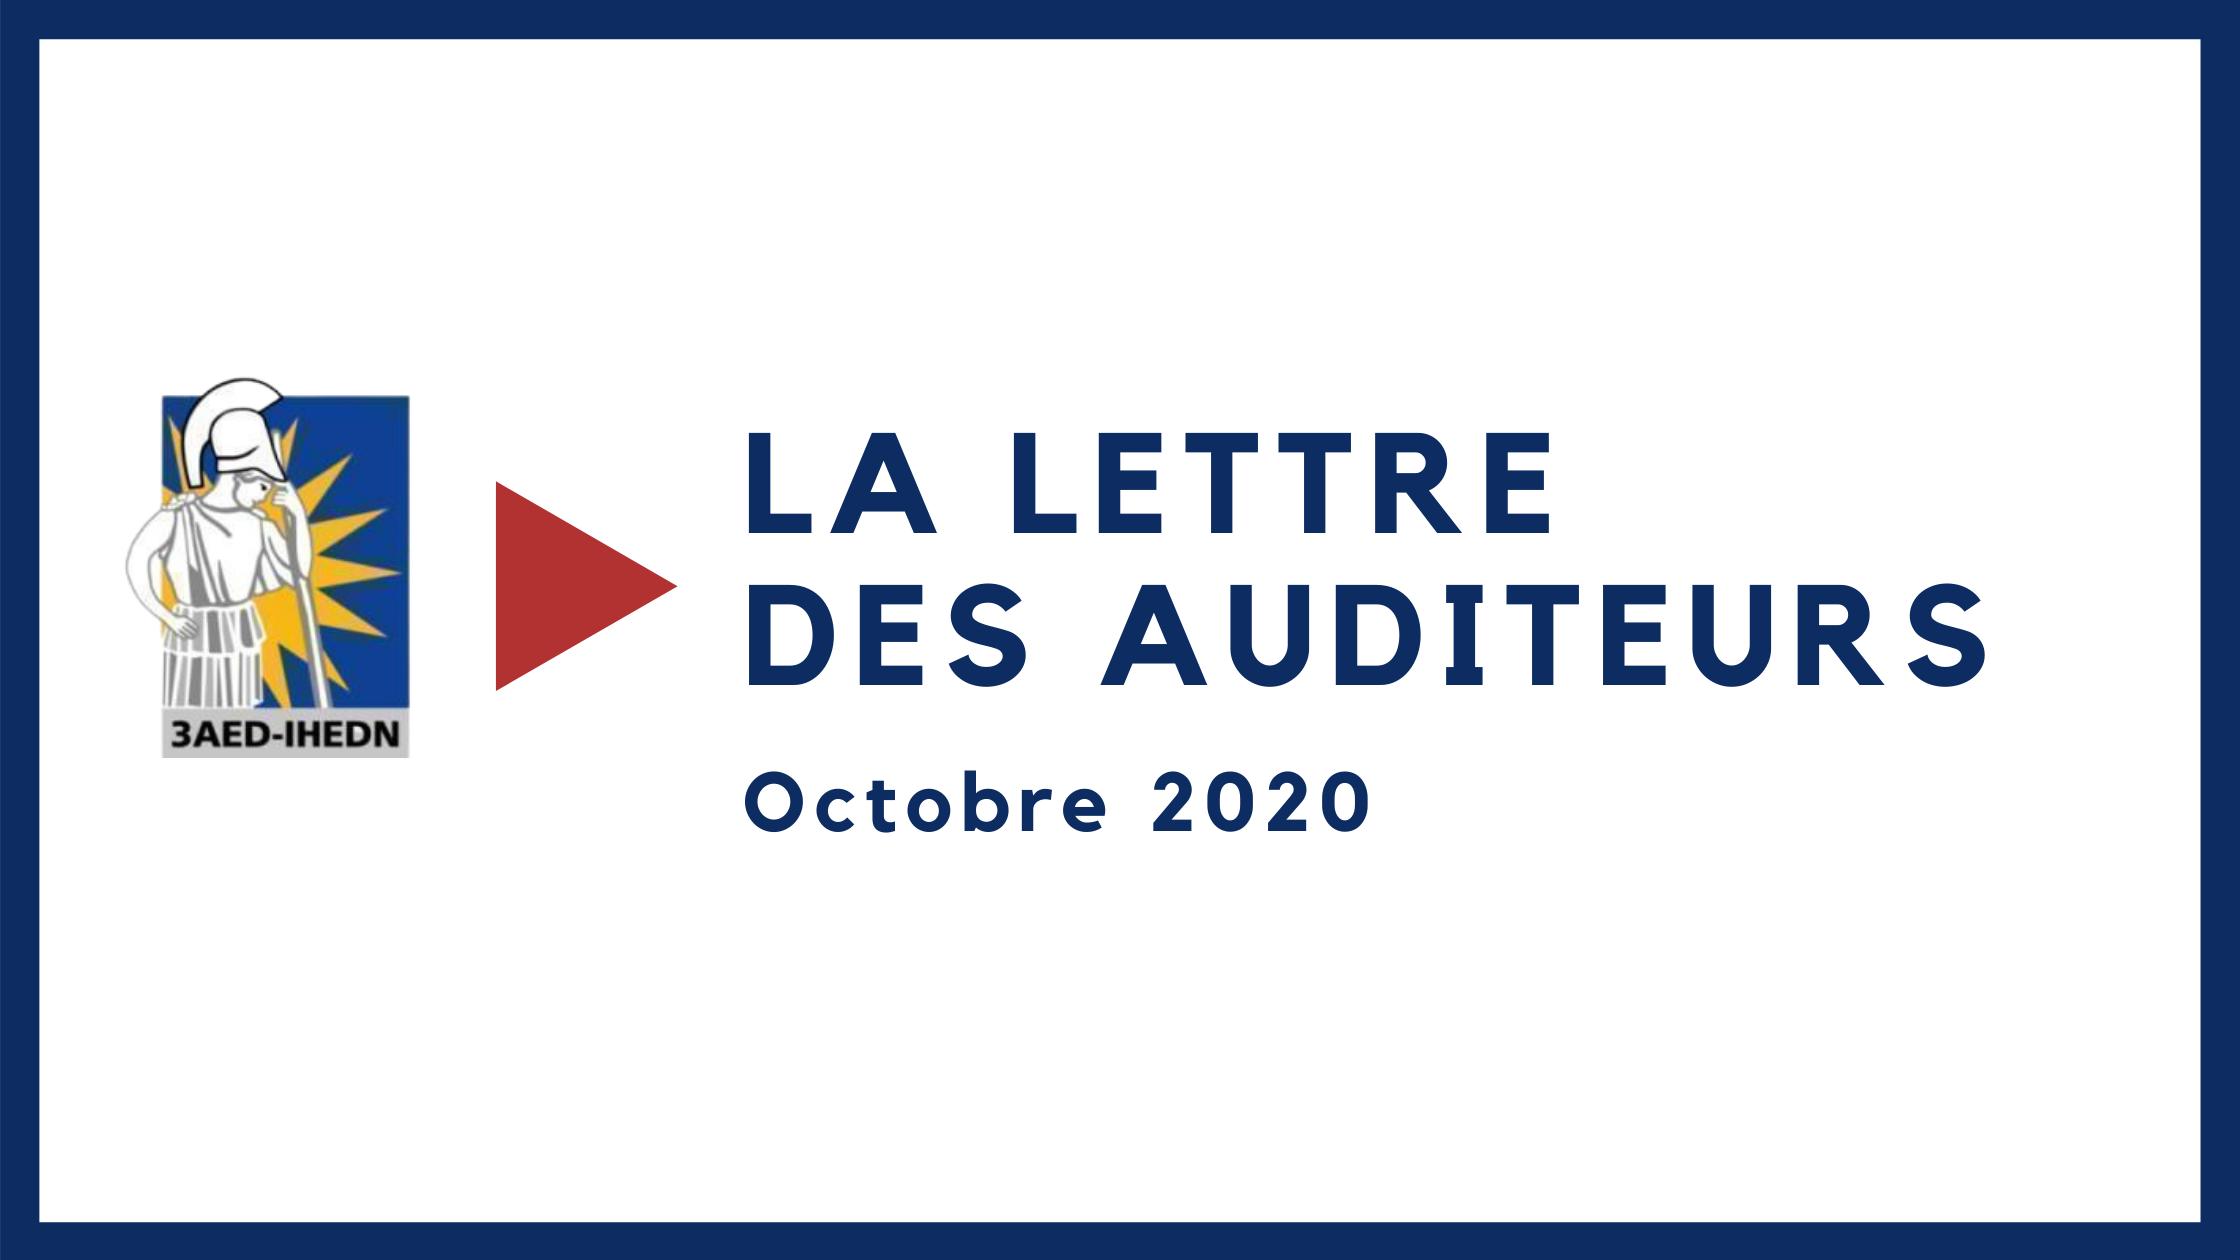 La lettre des auditeurs octobre 2020